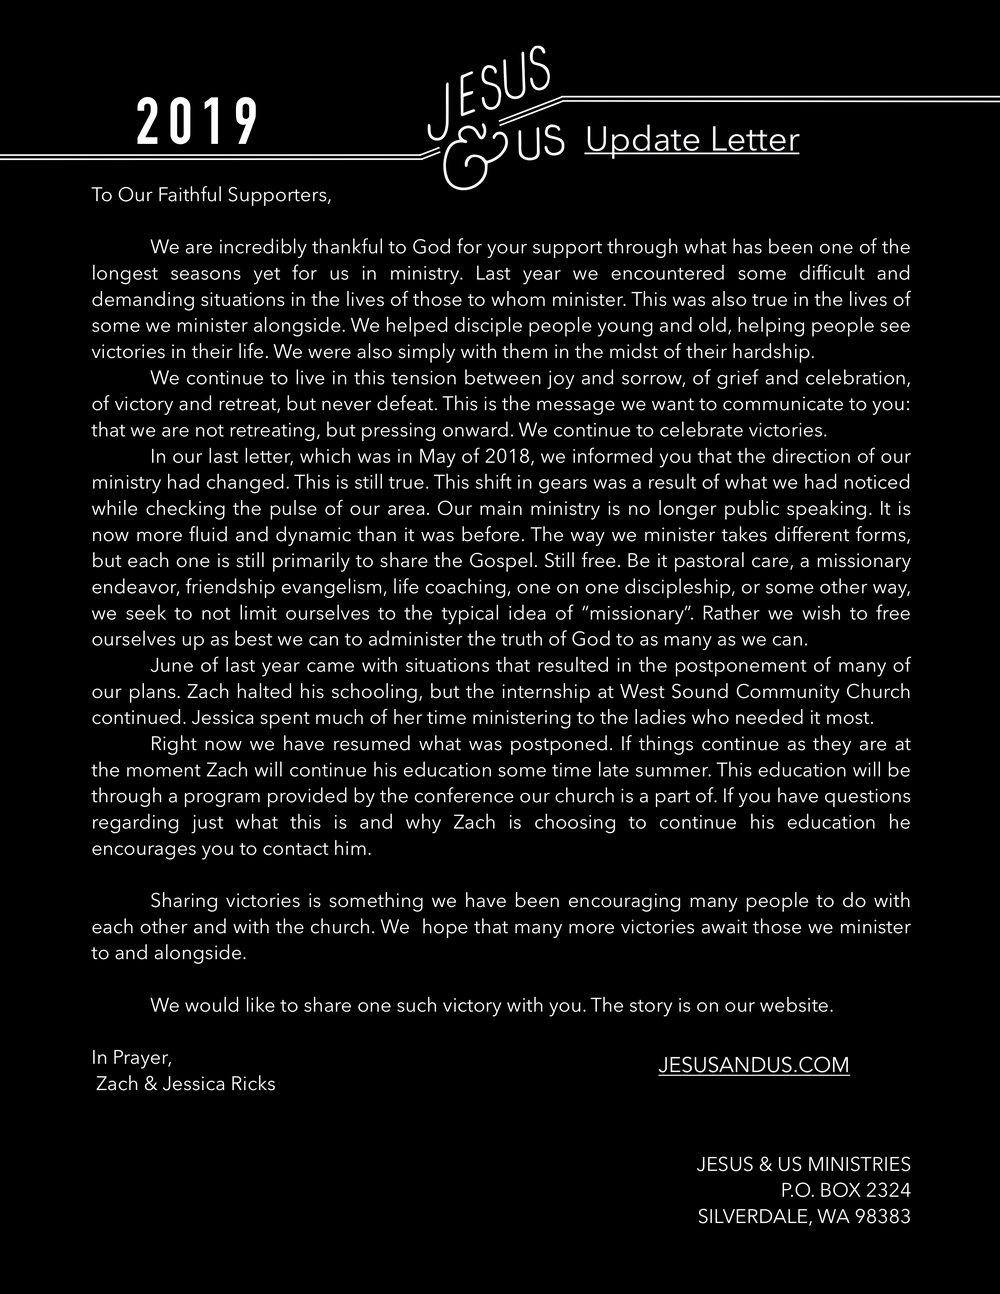 Email Update letter 2019.jpg